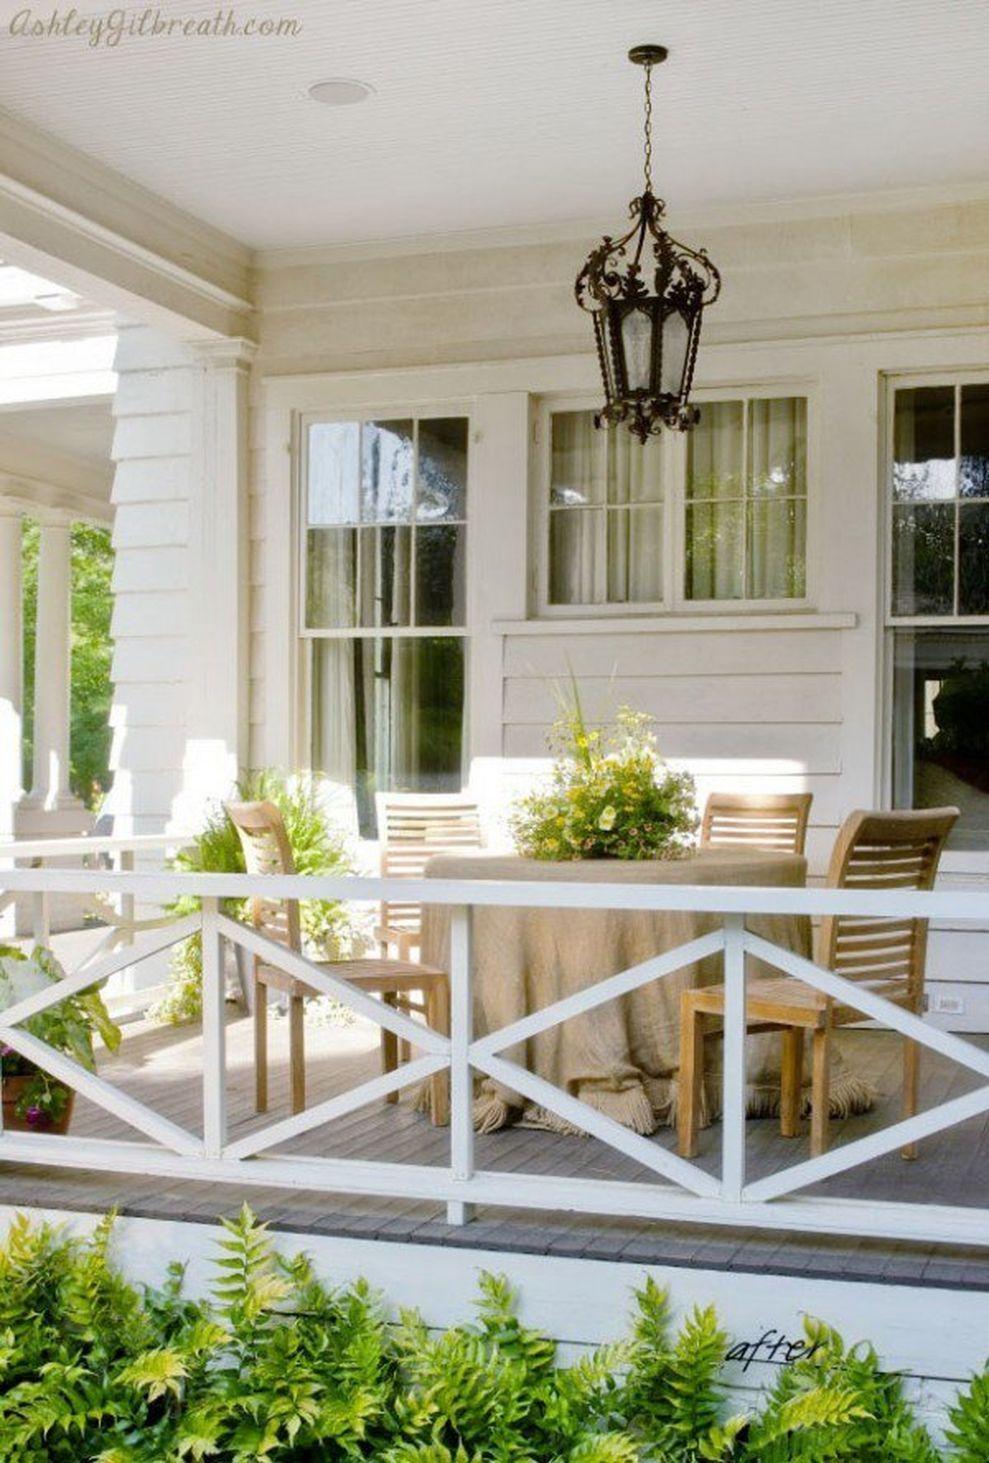 59 Creative Front Porch Garden Design Ideas   Patio ...